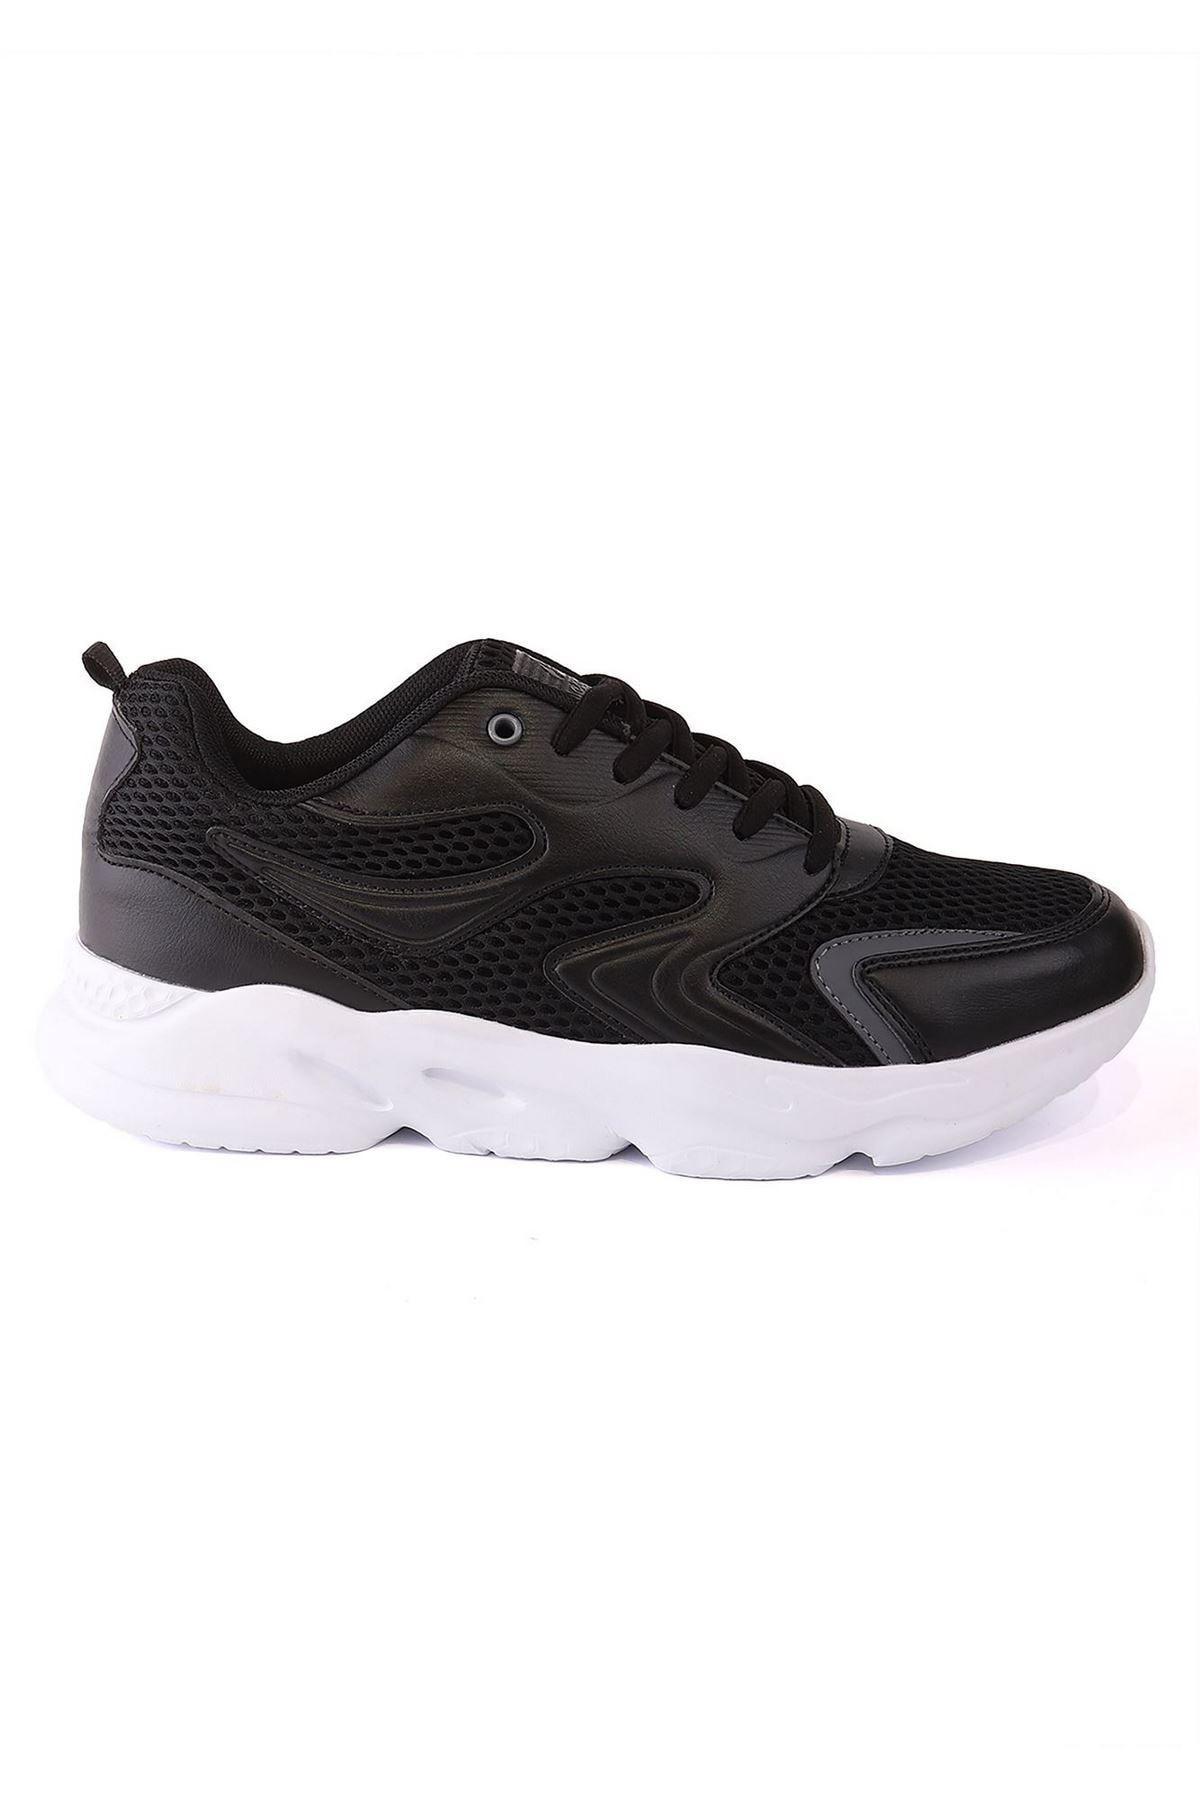 LETOON Erkek Casual Ayakkabı - LEVAMR 1